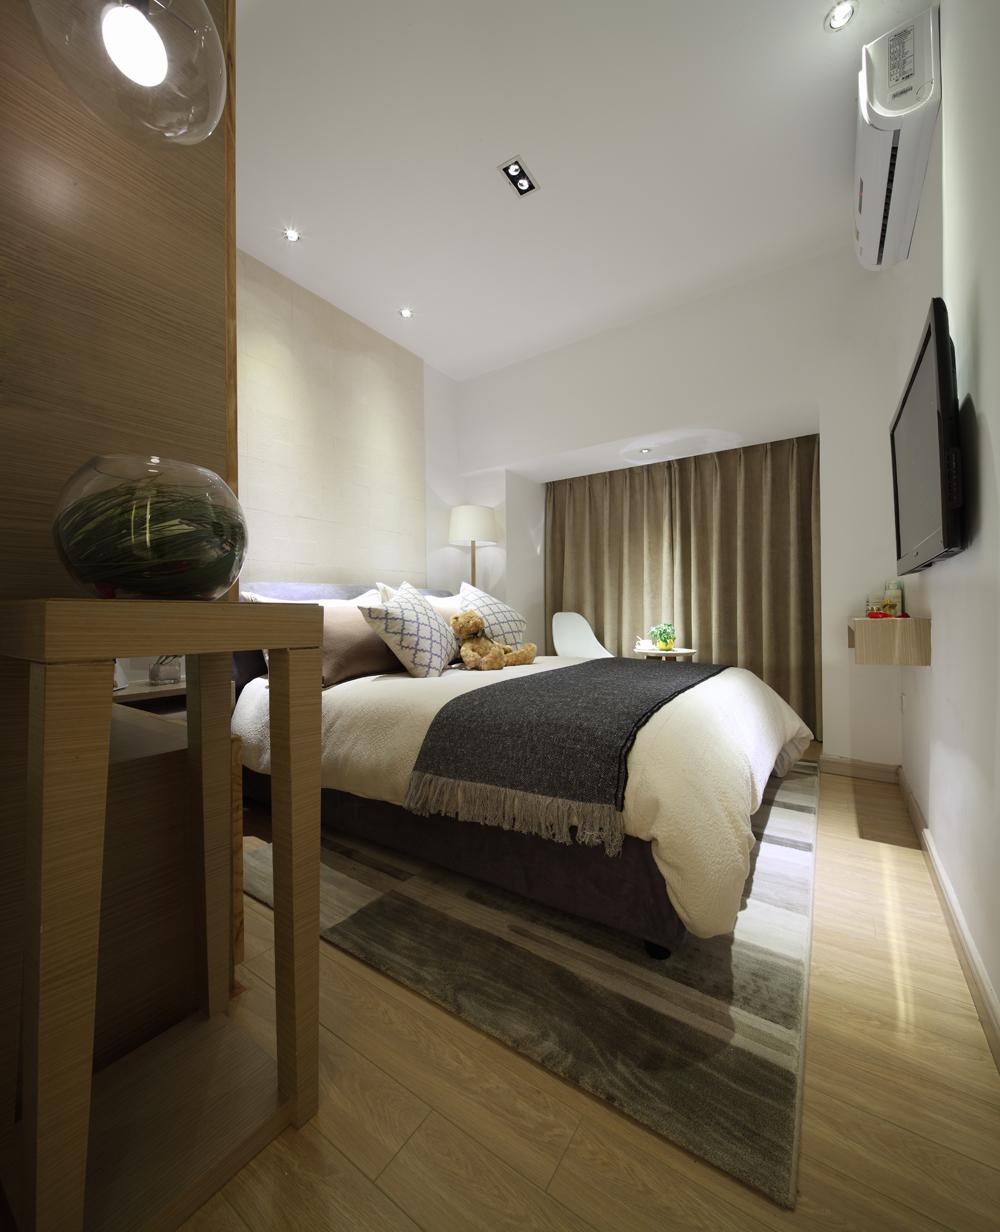 日式 卧室图片来自安豪装饰在世茂翡翠首府-116平-日式风格的分享